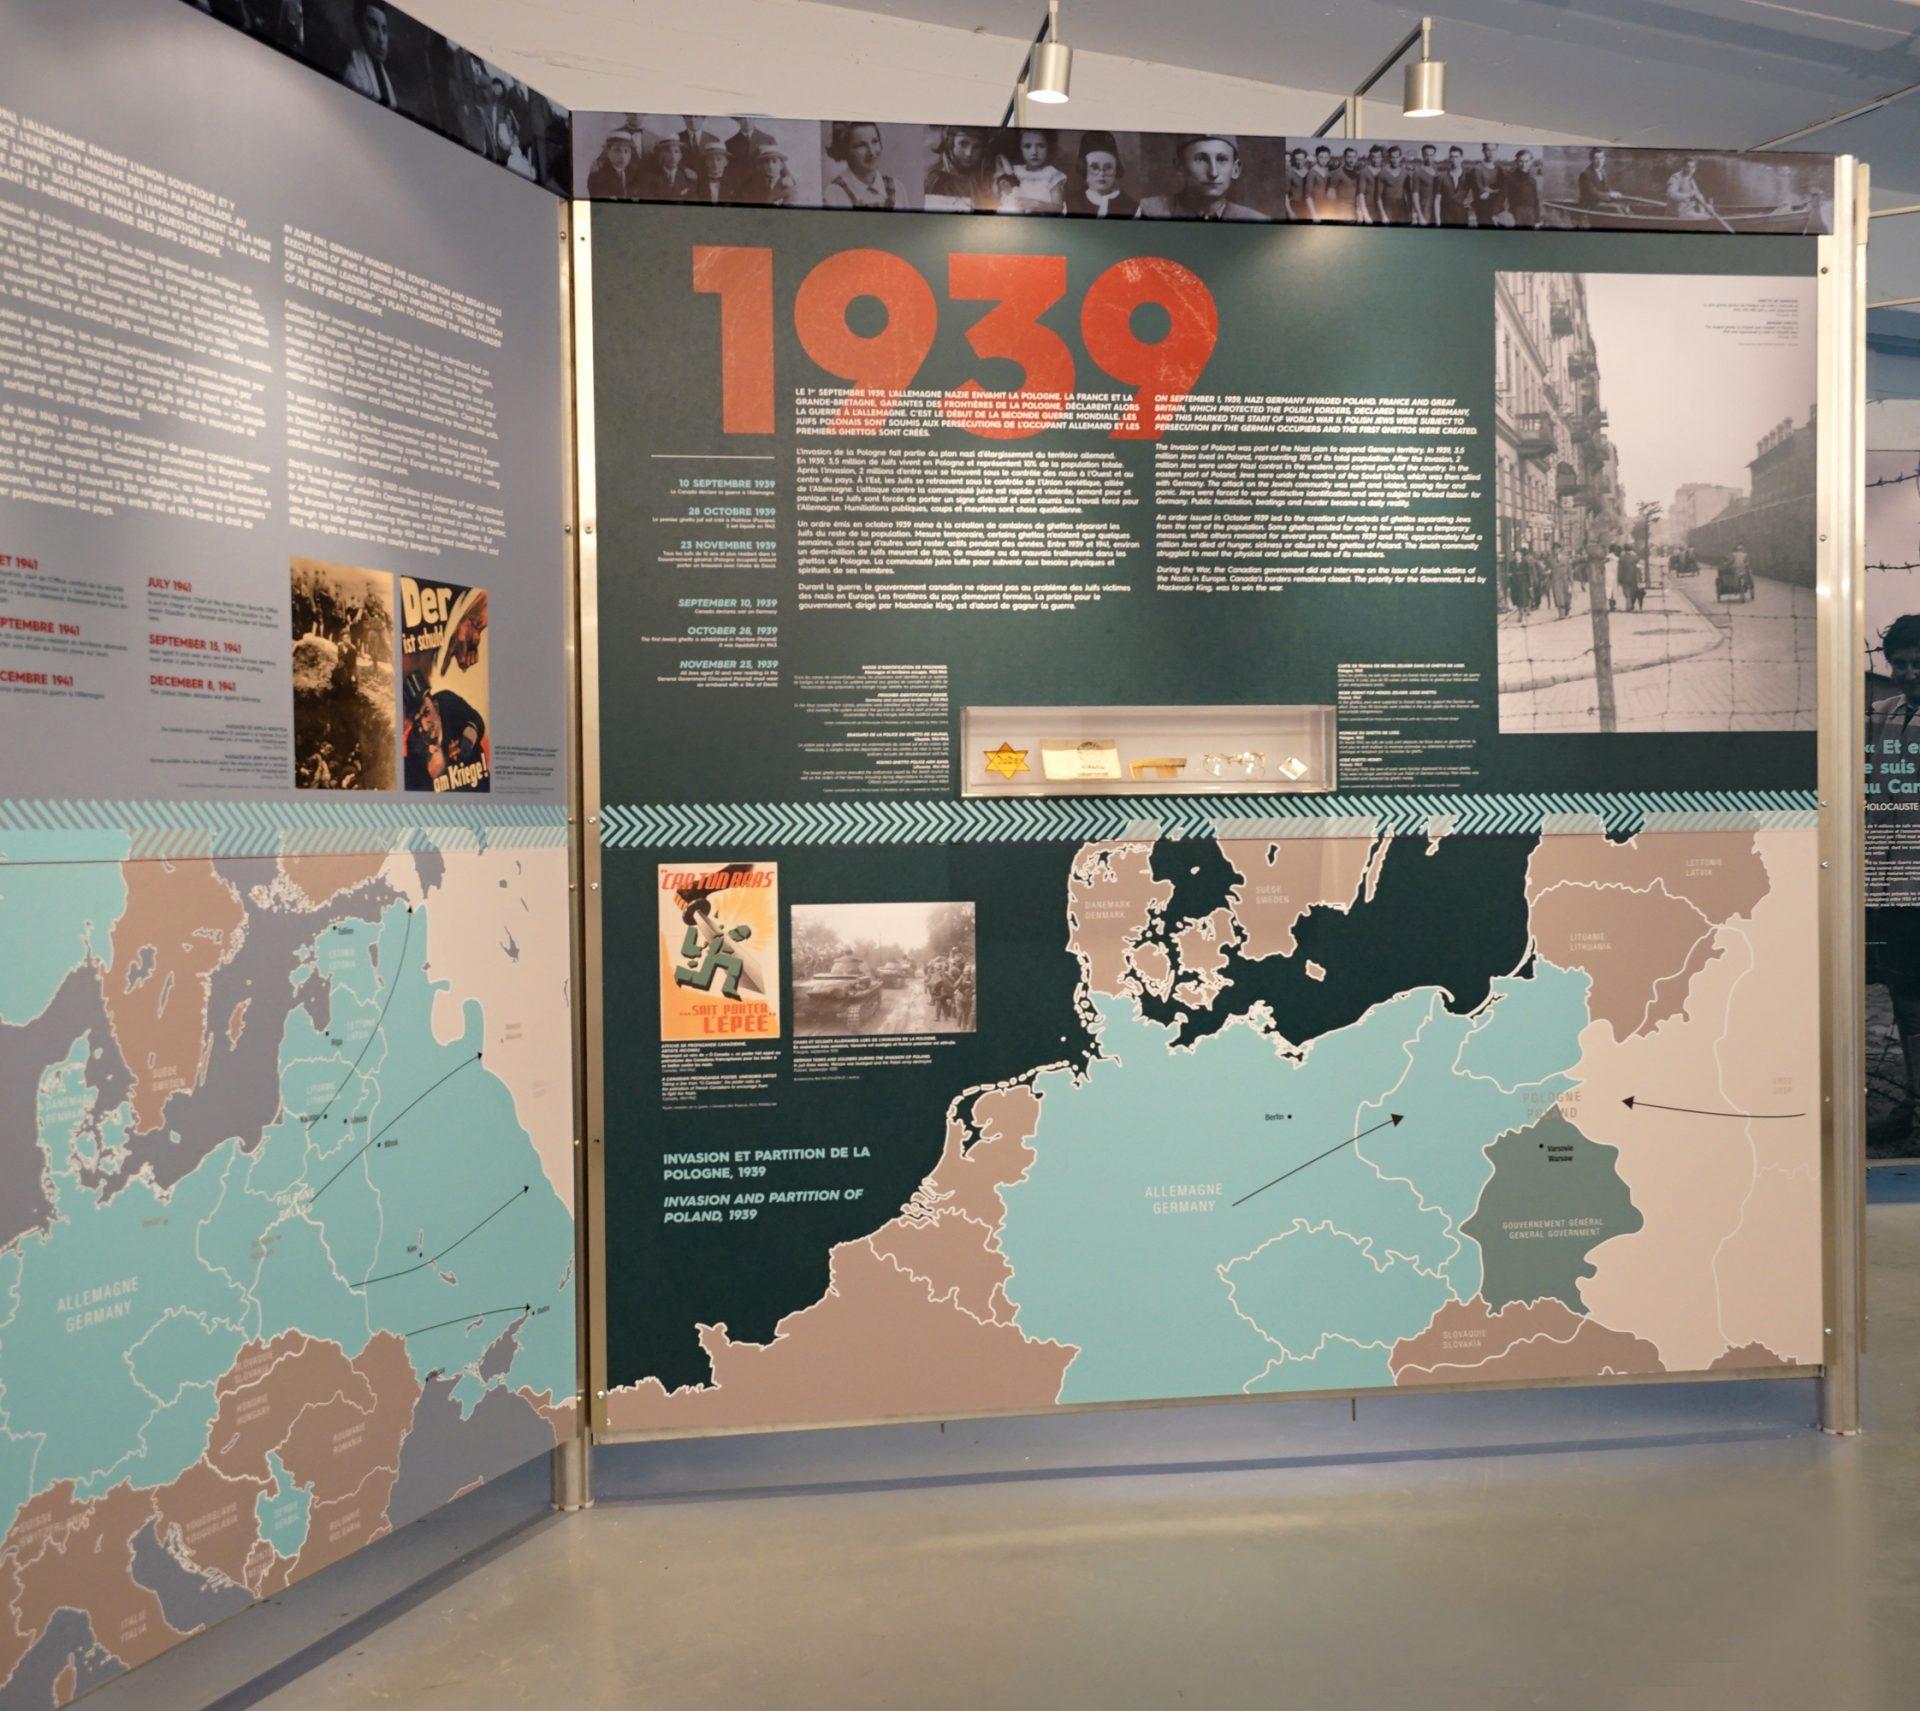 Aperçu du panneau 1939 : Début de la guerre et création des ghettos.